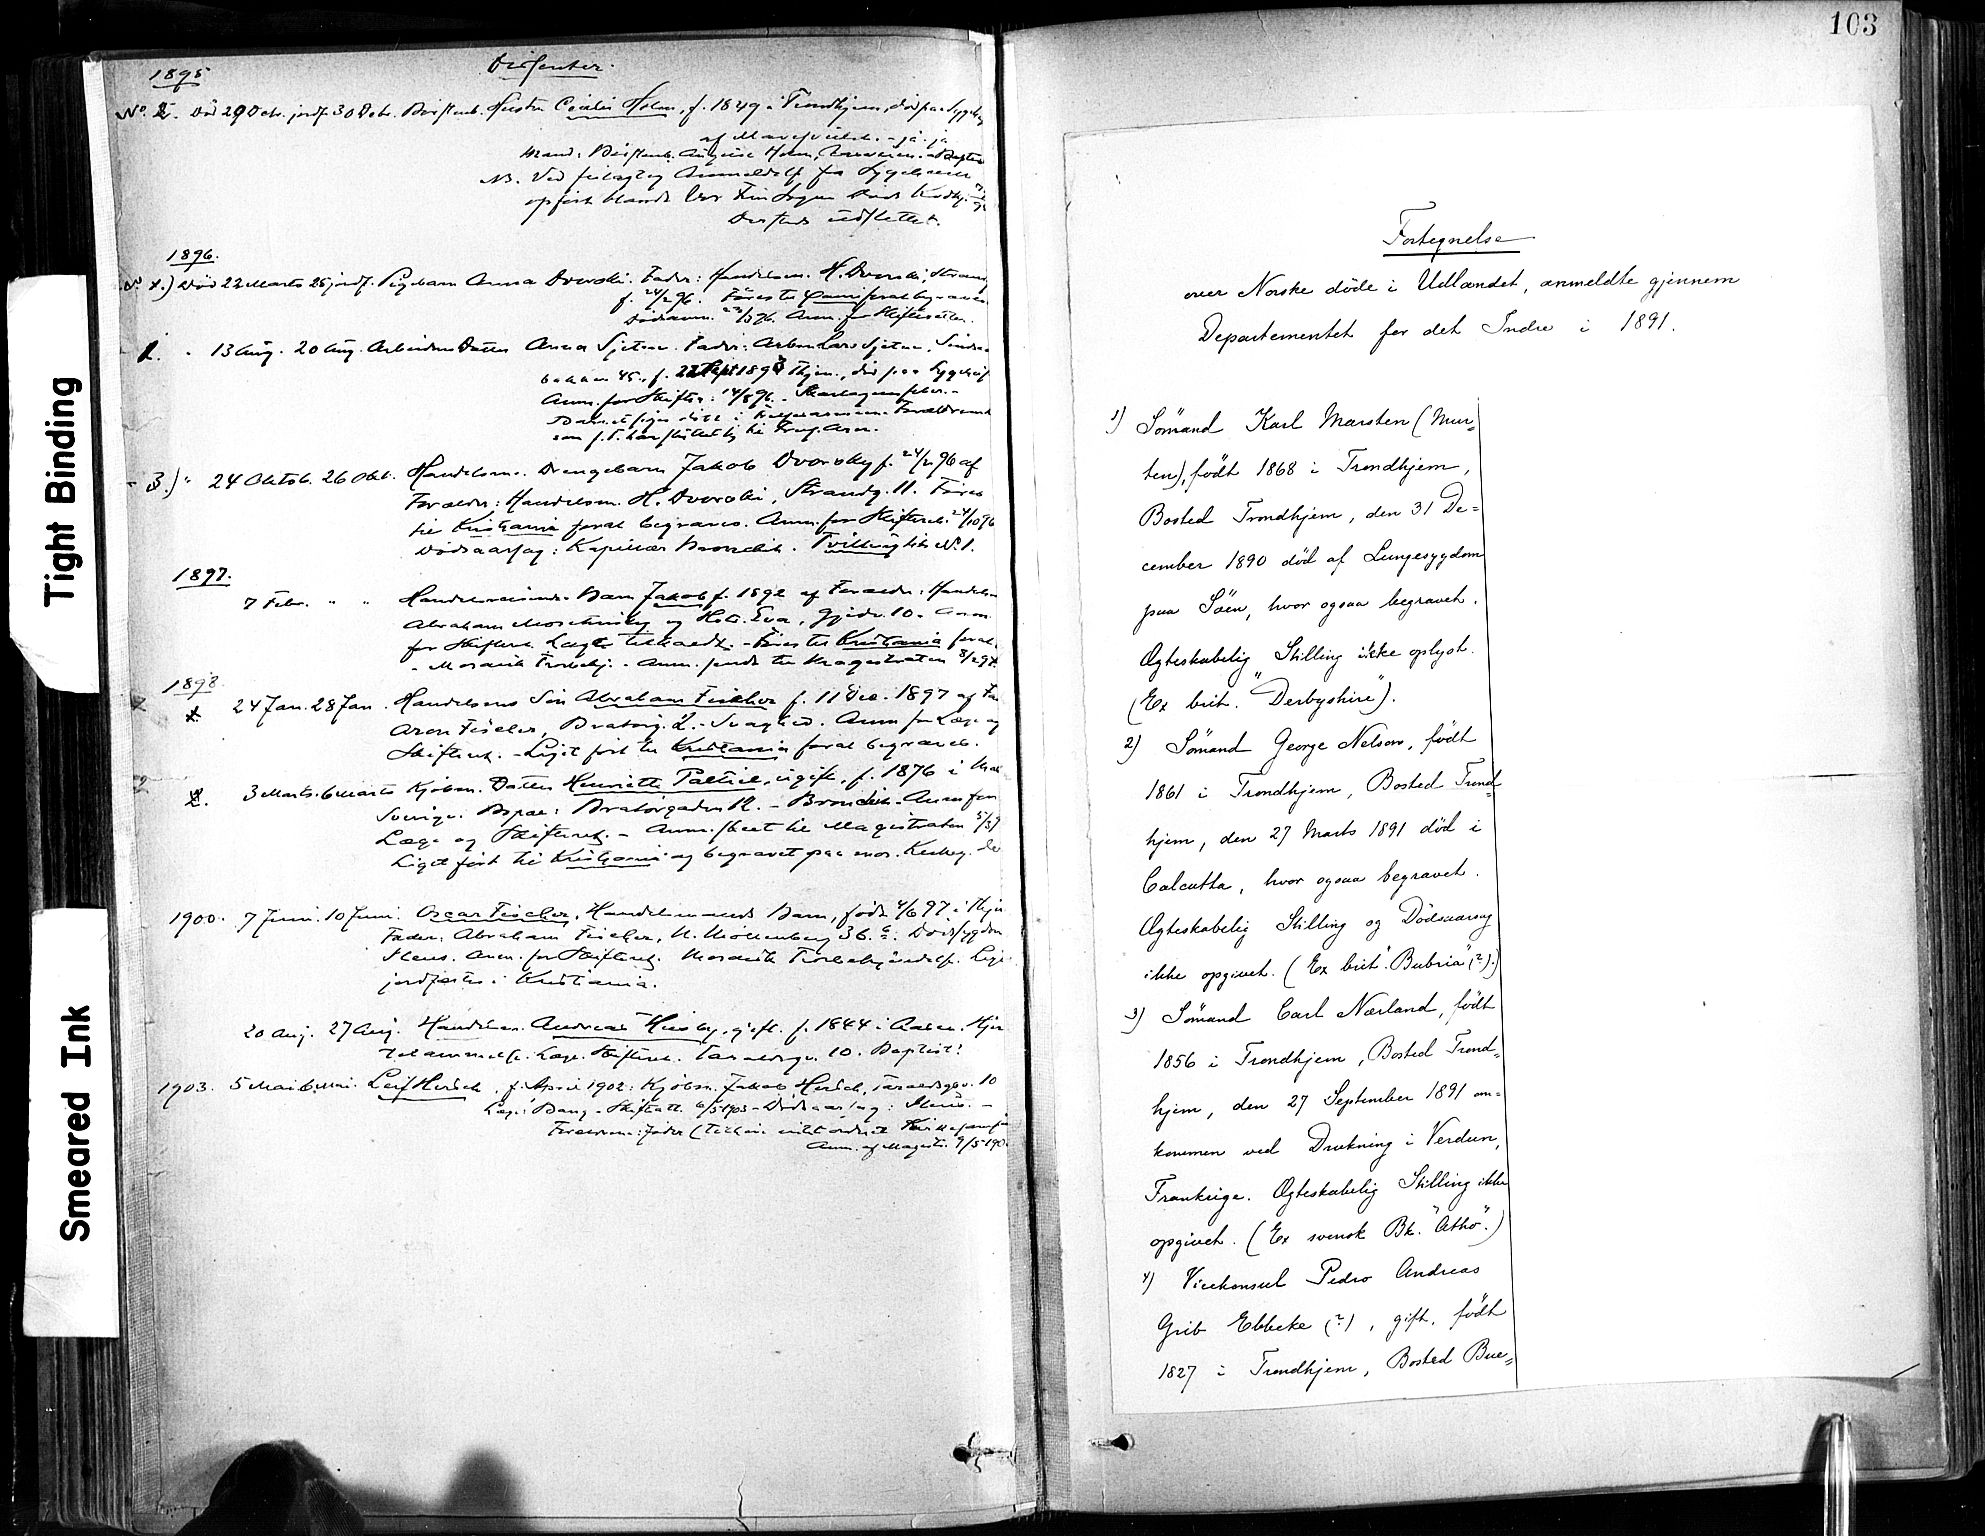 SAT, Ministerialprotokoller, klokkerbøker og fødselsregistre - Sør-Trøndelag, 602/L0120: Ministerialbok nr. 602A18, 1880-1913, s. 103